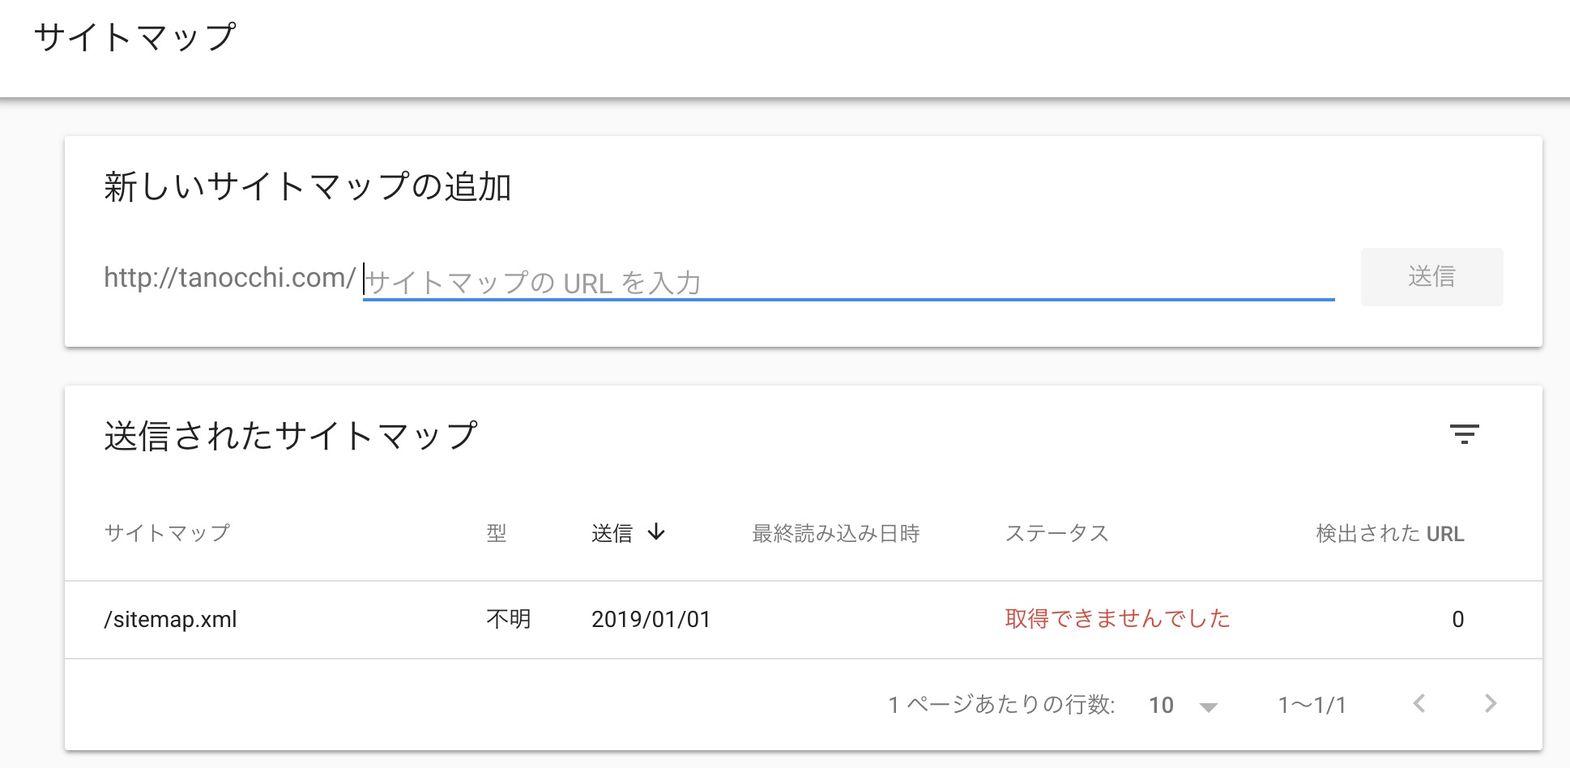 スクリーンショット 2019-01-01 18.36.22